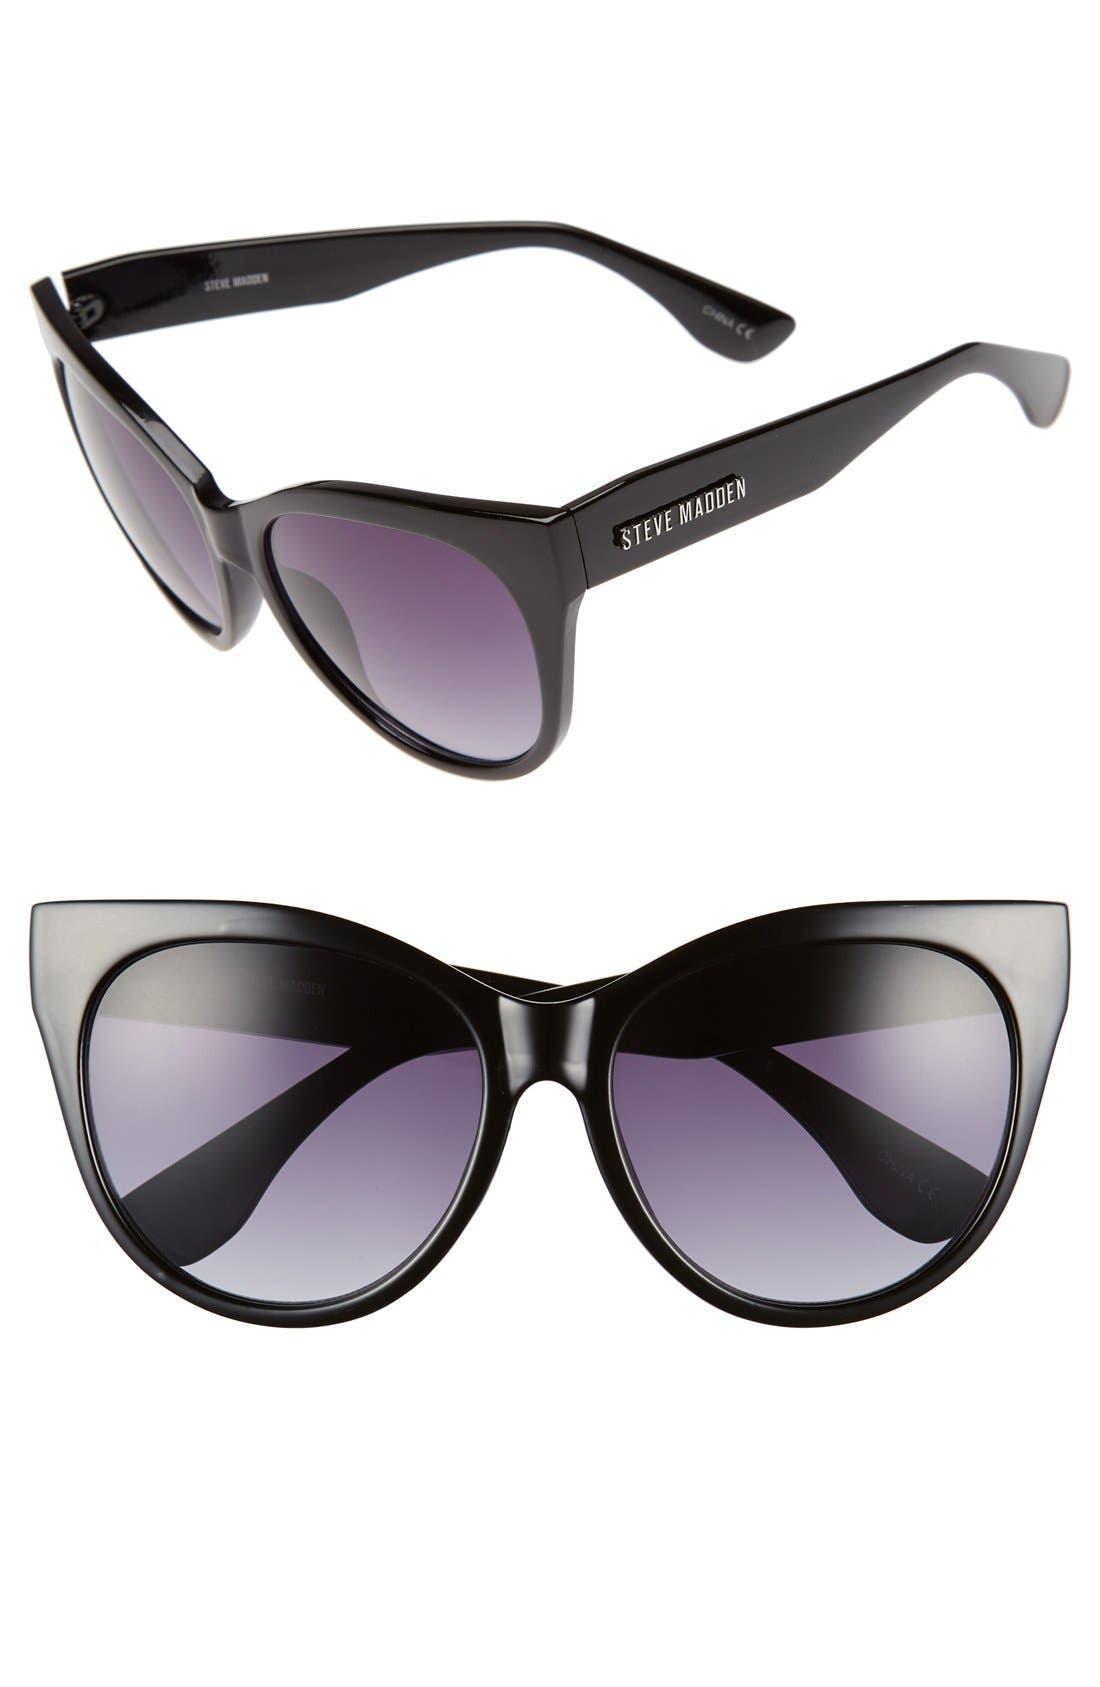 Alternate Image 1 Selected - Steve Madden 58mm Oversized Cat Eye Sunglasses